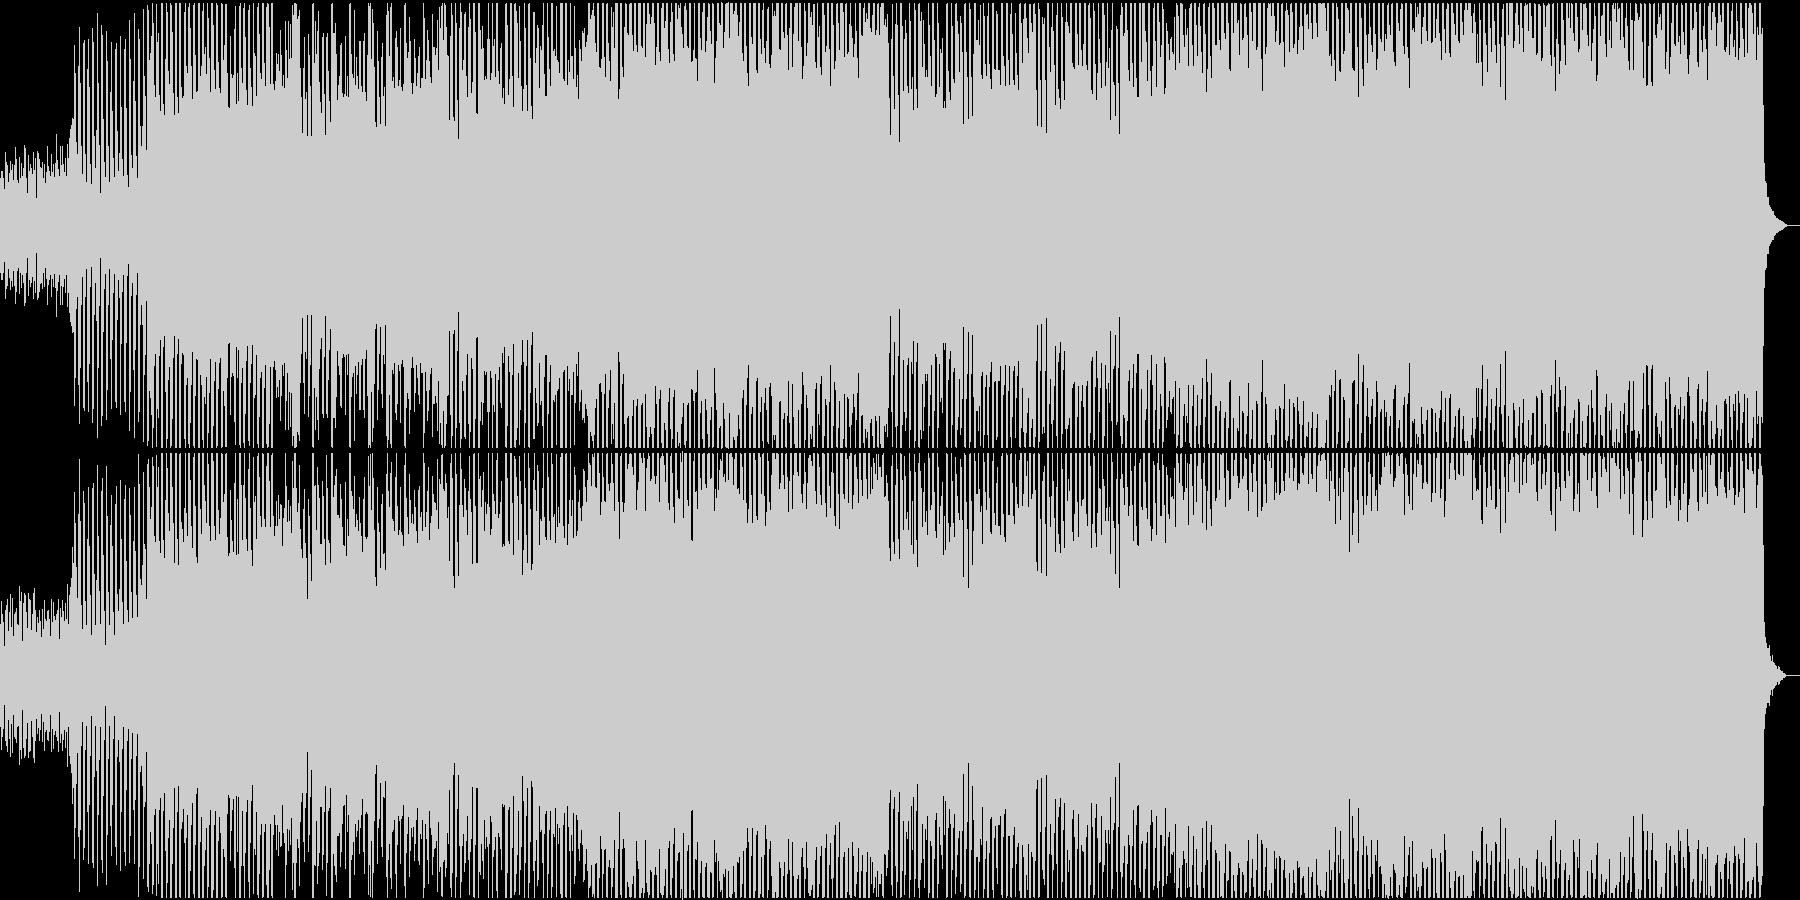 前向きな4つ打ちストリングス・メロ無しの未再生の波形